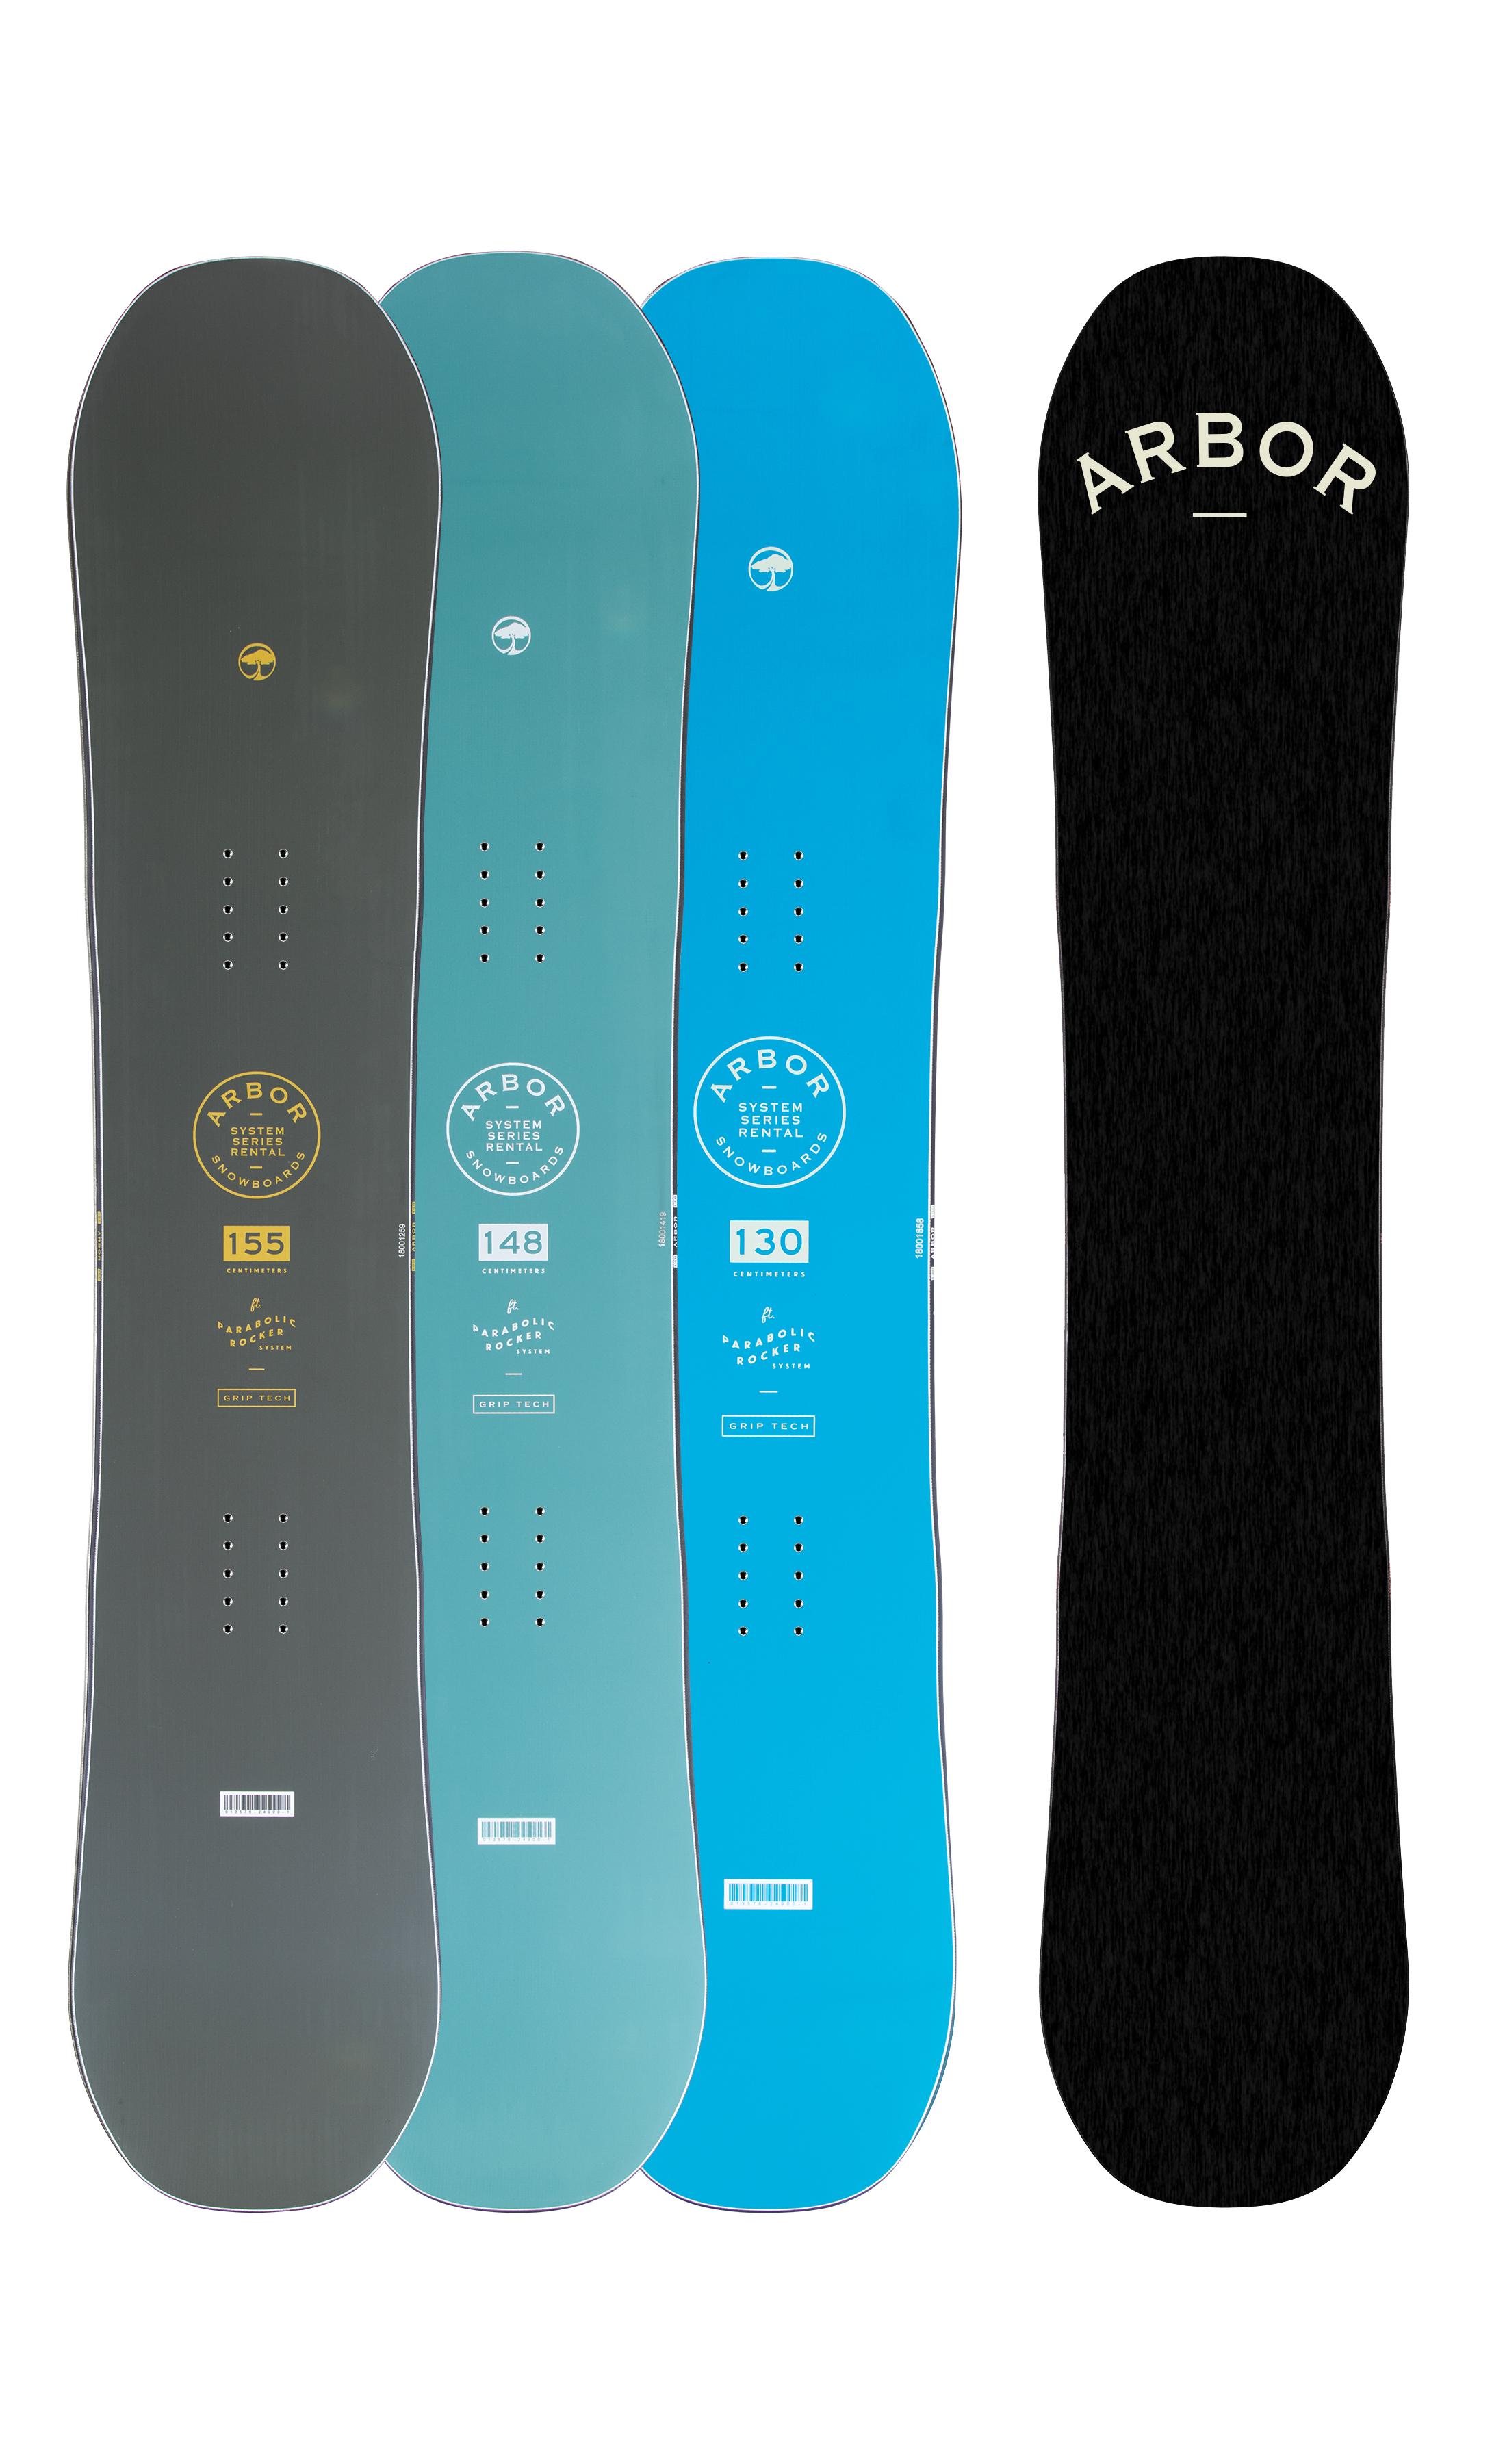 Placa snowboard Unisex Arbor System Rental 20/21 imagine